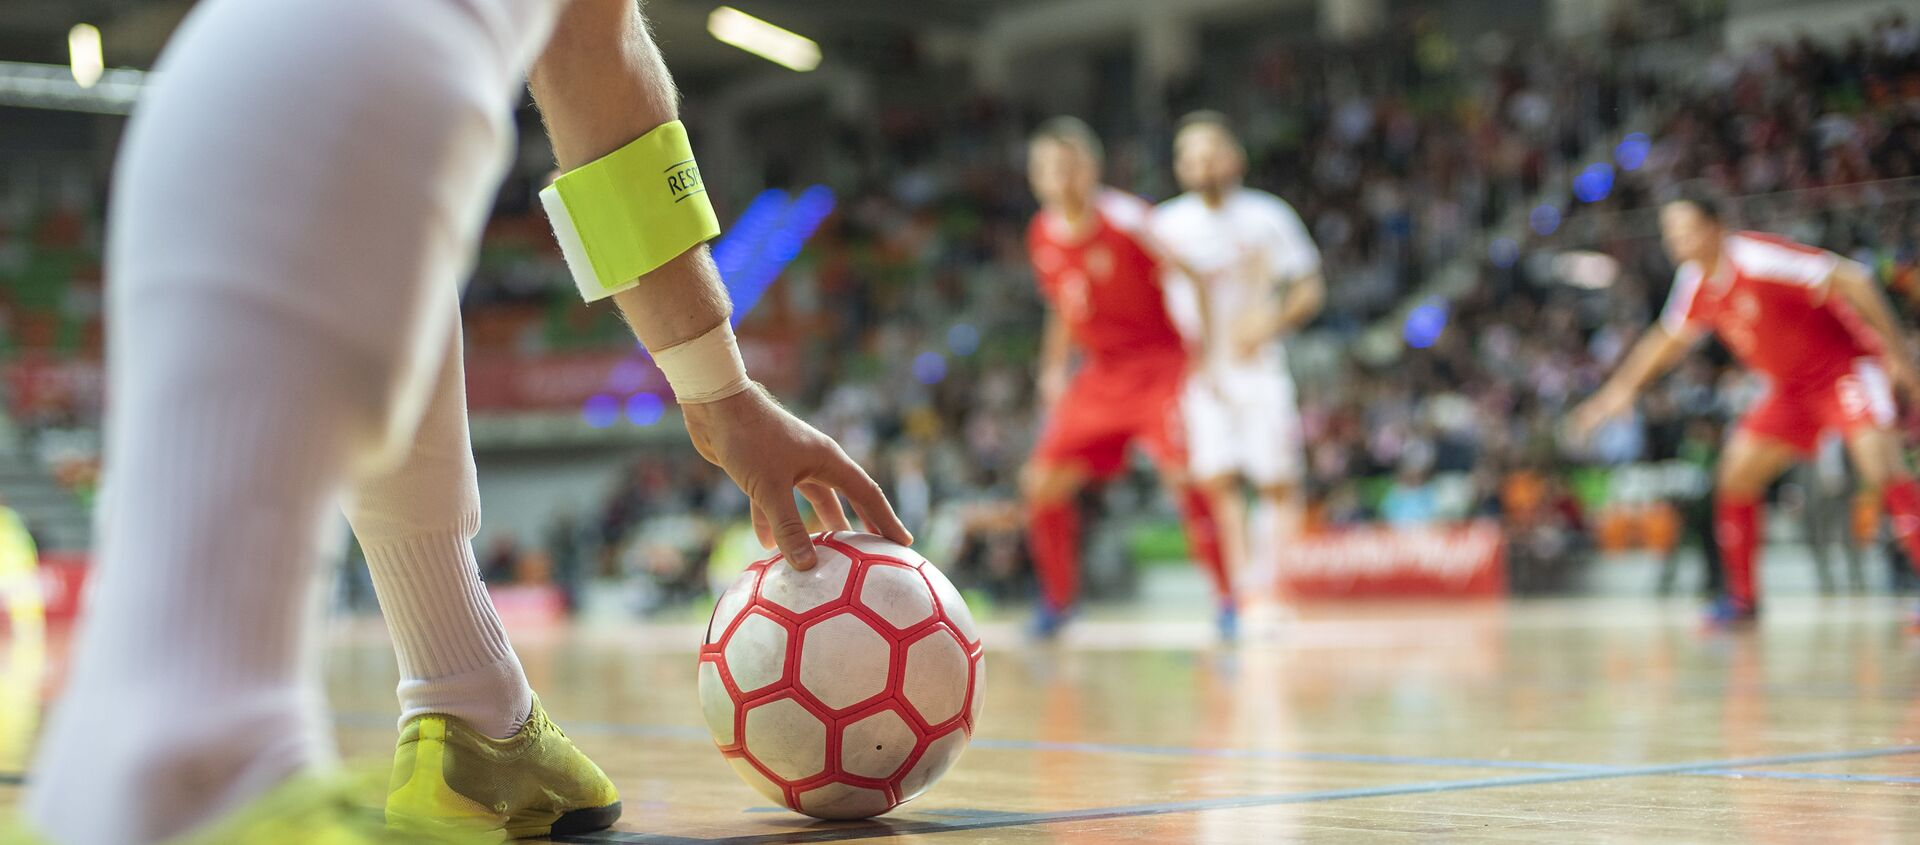 Trận đấu Futsal  - Sputnik Việt Nam, 1920, 20.09.2021